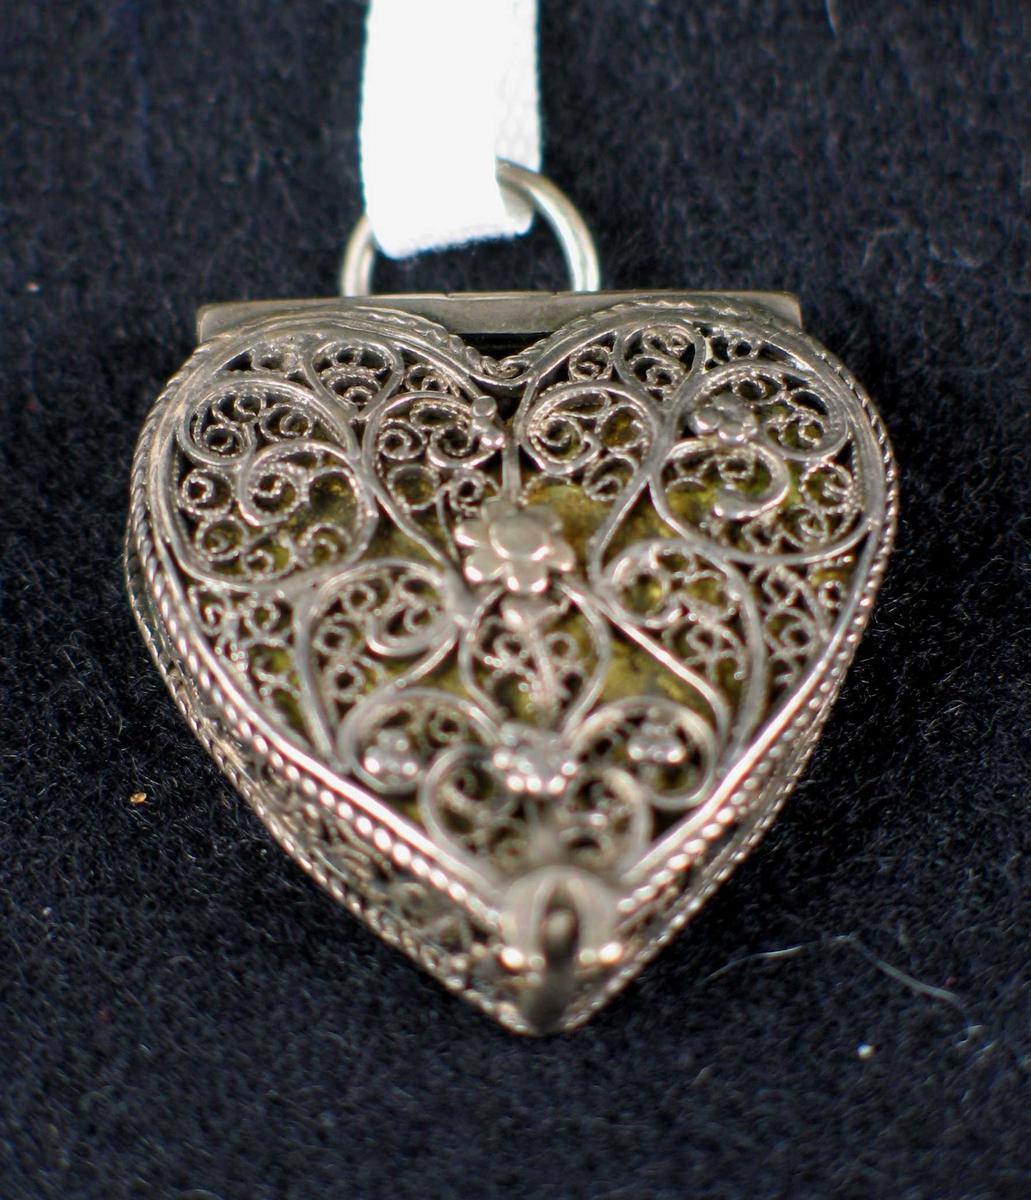 Sølvanheng i filigran formet som et hjerte. Forgylt plate som synes gjennom det gjennombrutte mønsteret.